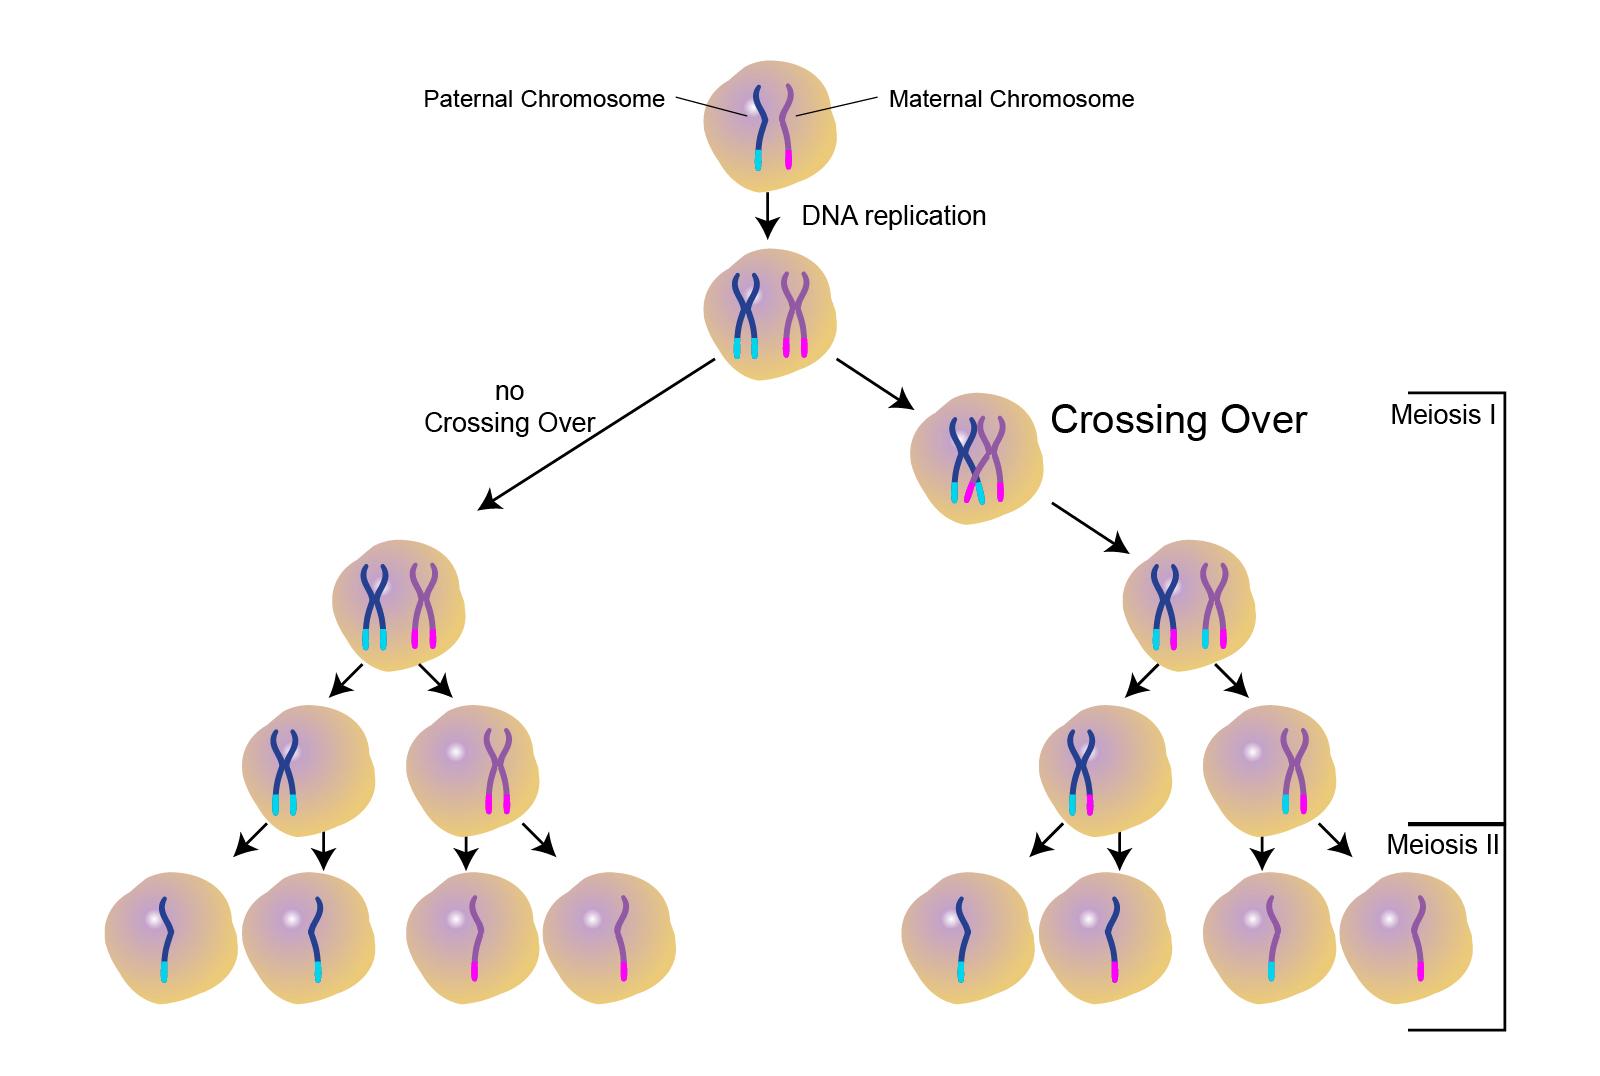 Genetic Makeup Of Meiosis